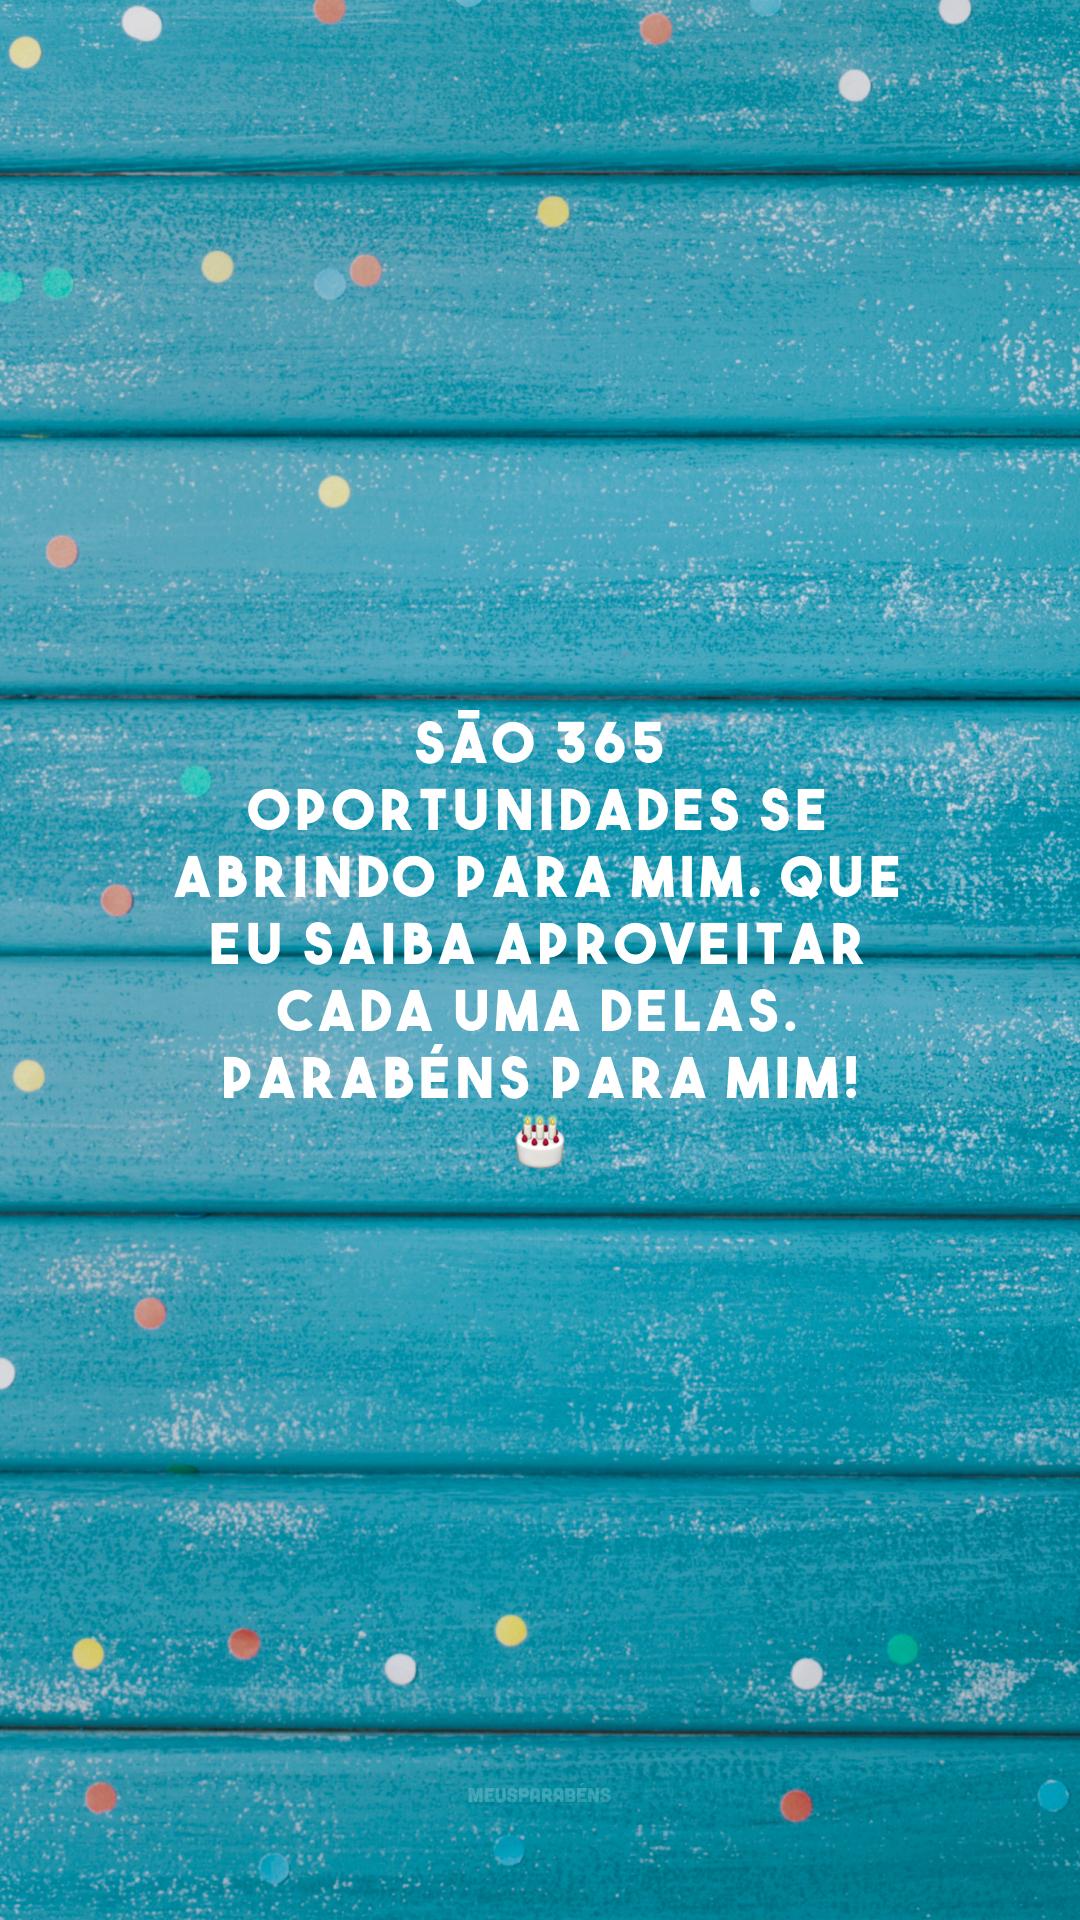 São 365 oportunidades se abrindo para mim. Que eu saiba aproveitar cada uma delas. Parabéns para mim! 🎂